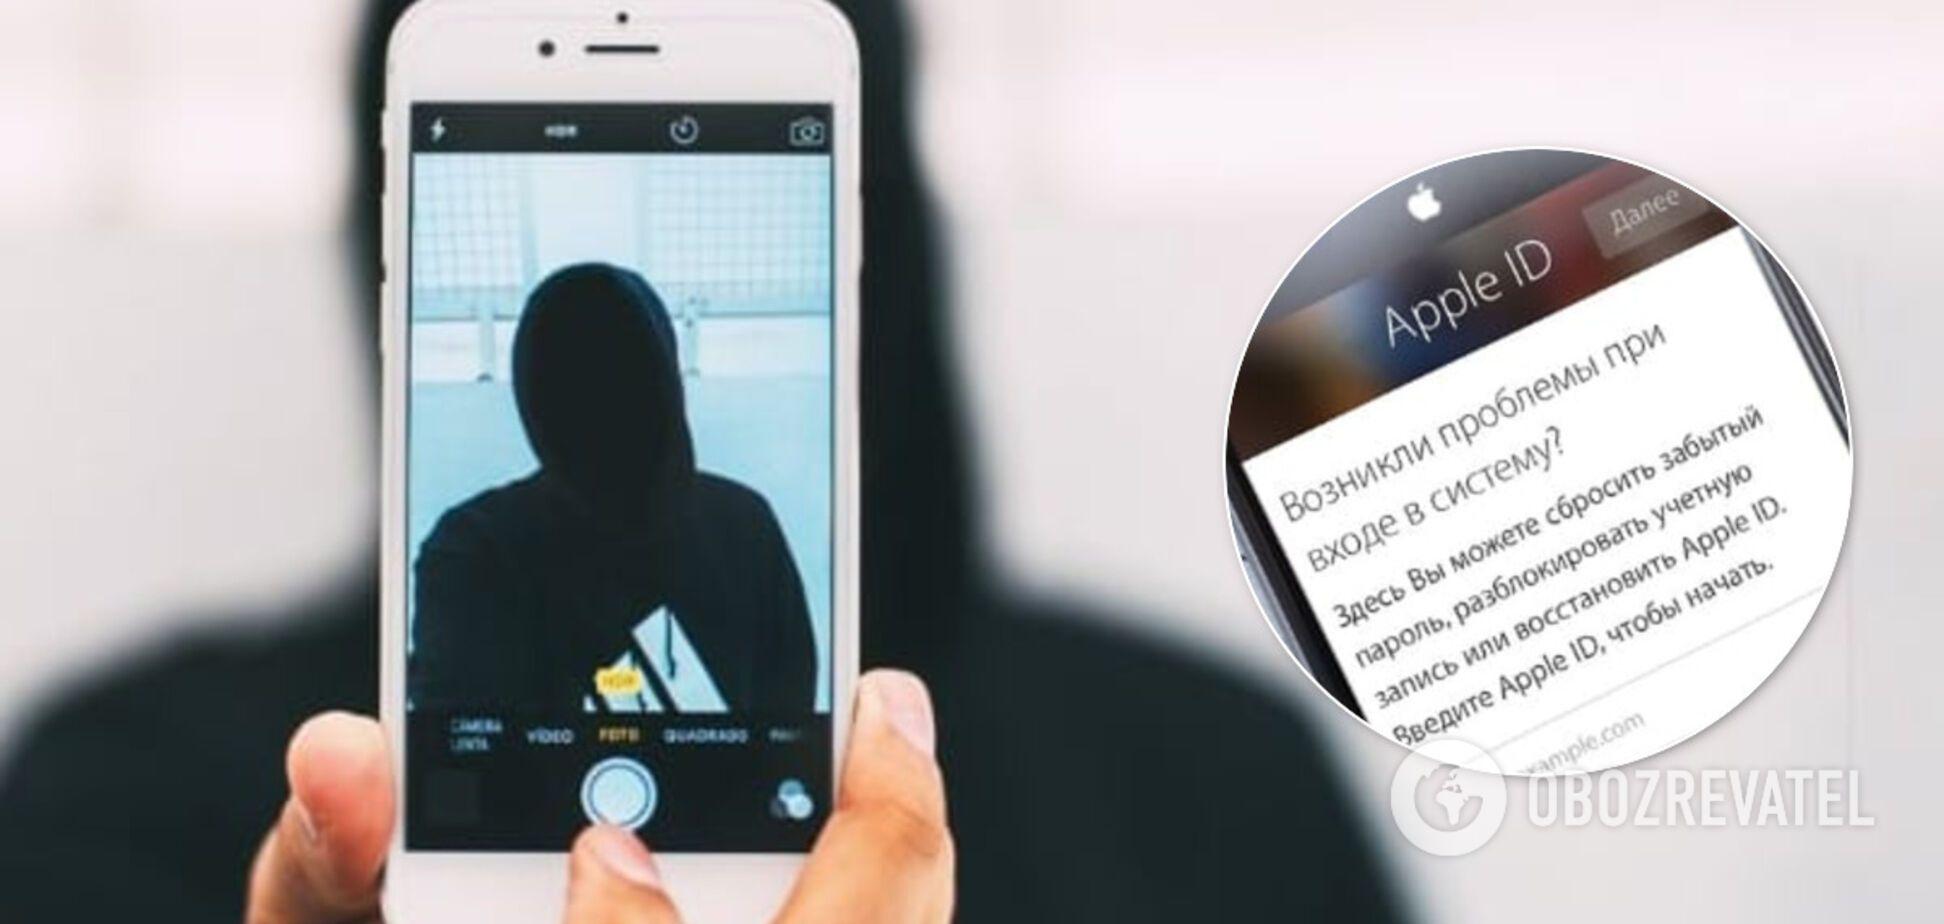 Знайдена нова небезпечна вразливість в iPhone і iPad